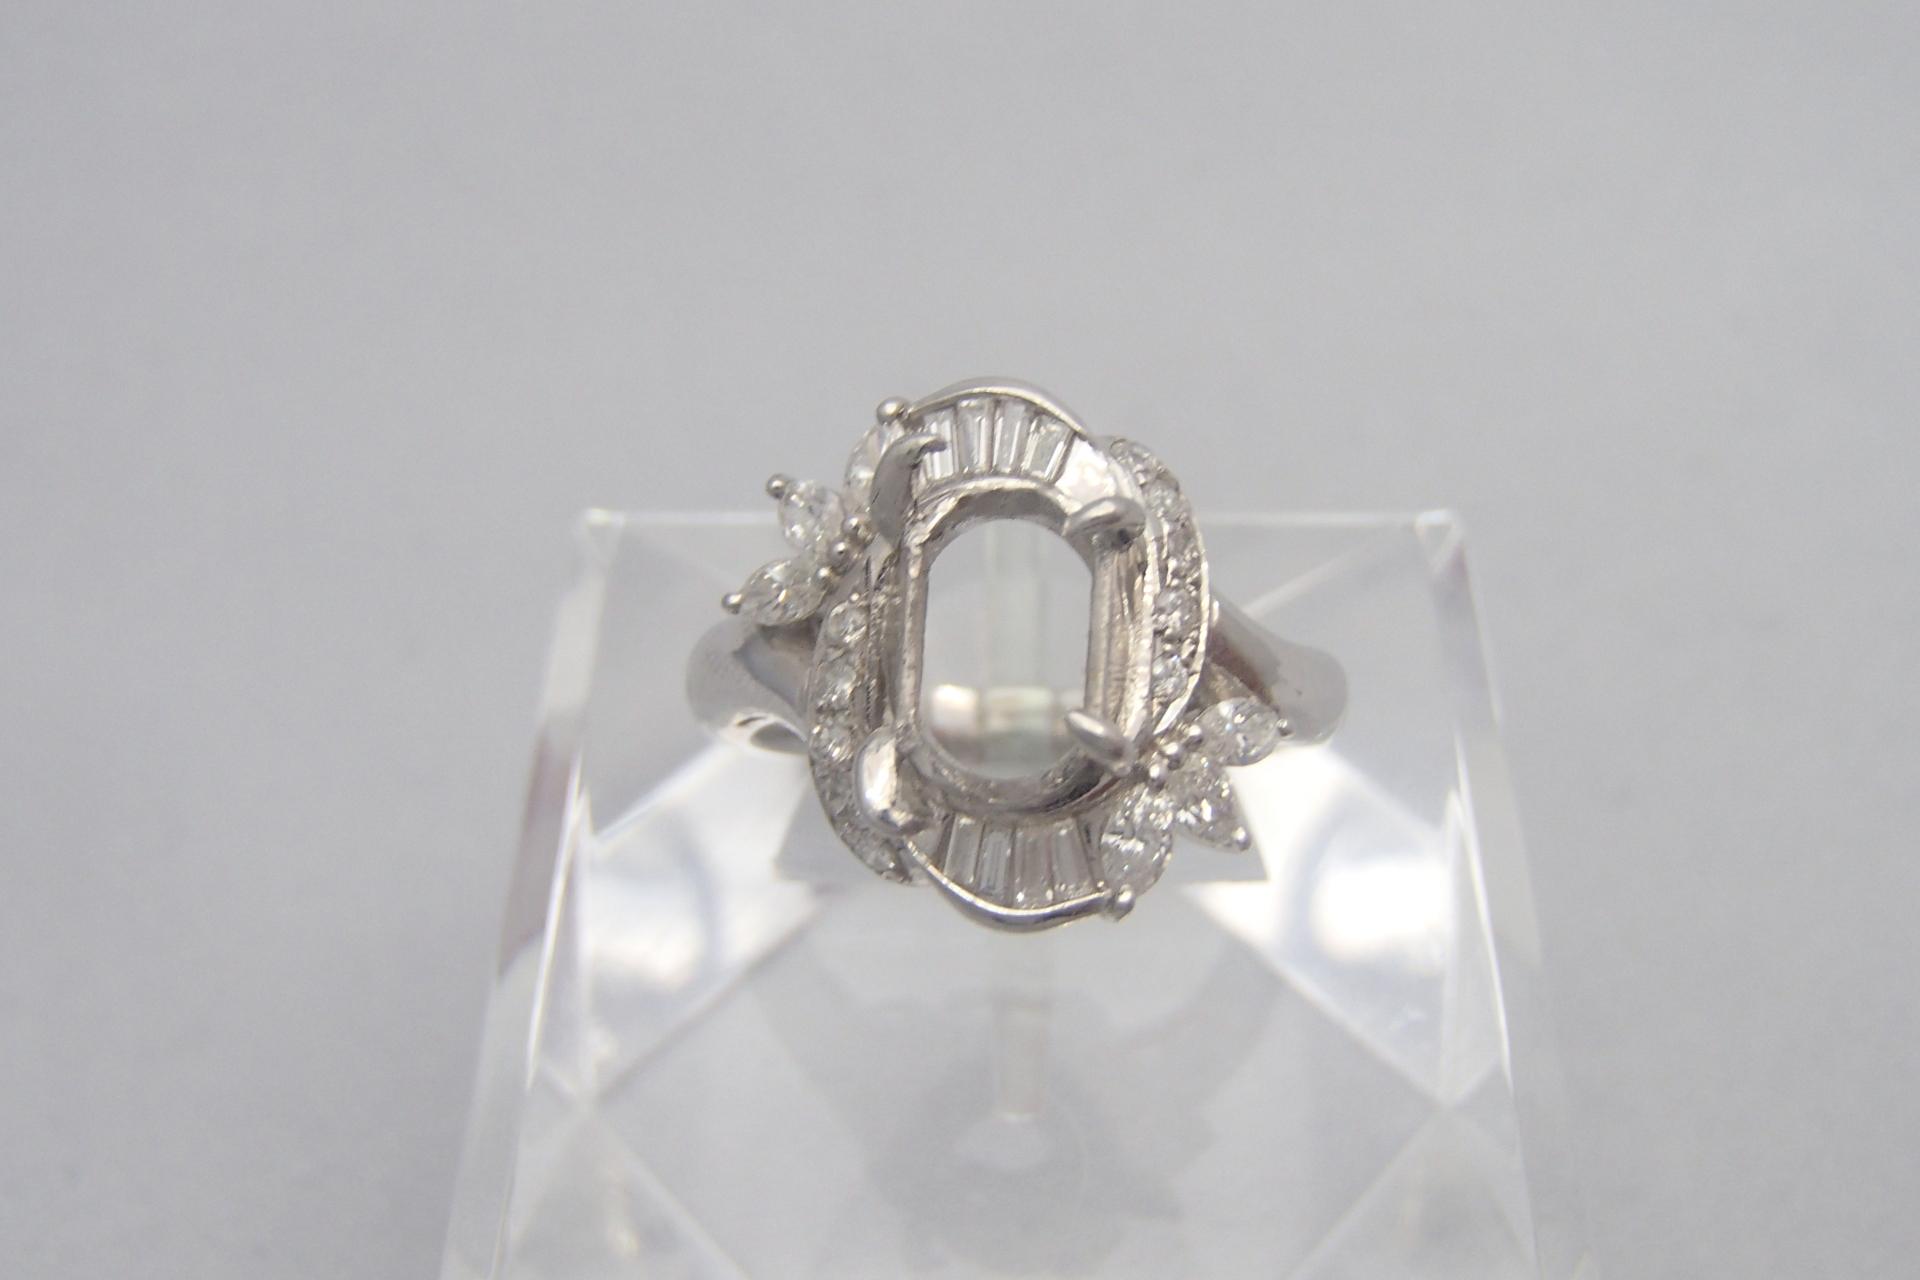 大切なダイヤモンドを質屋さんに持っていったら?